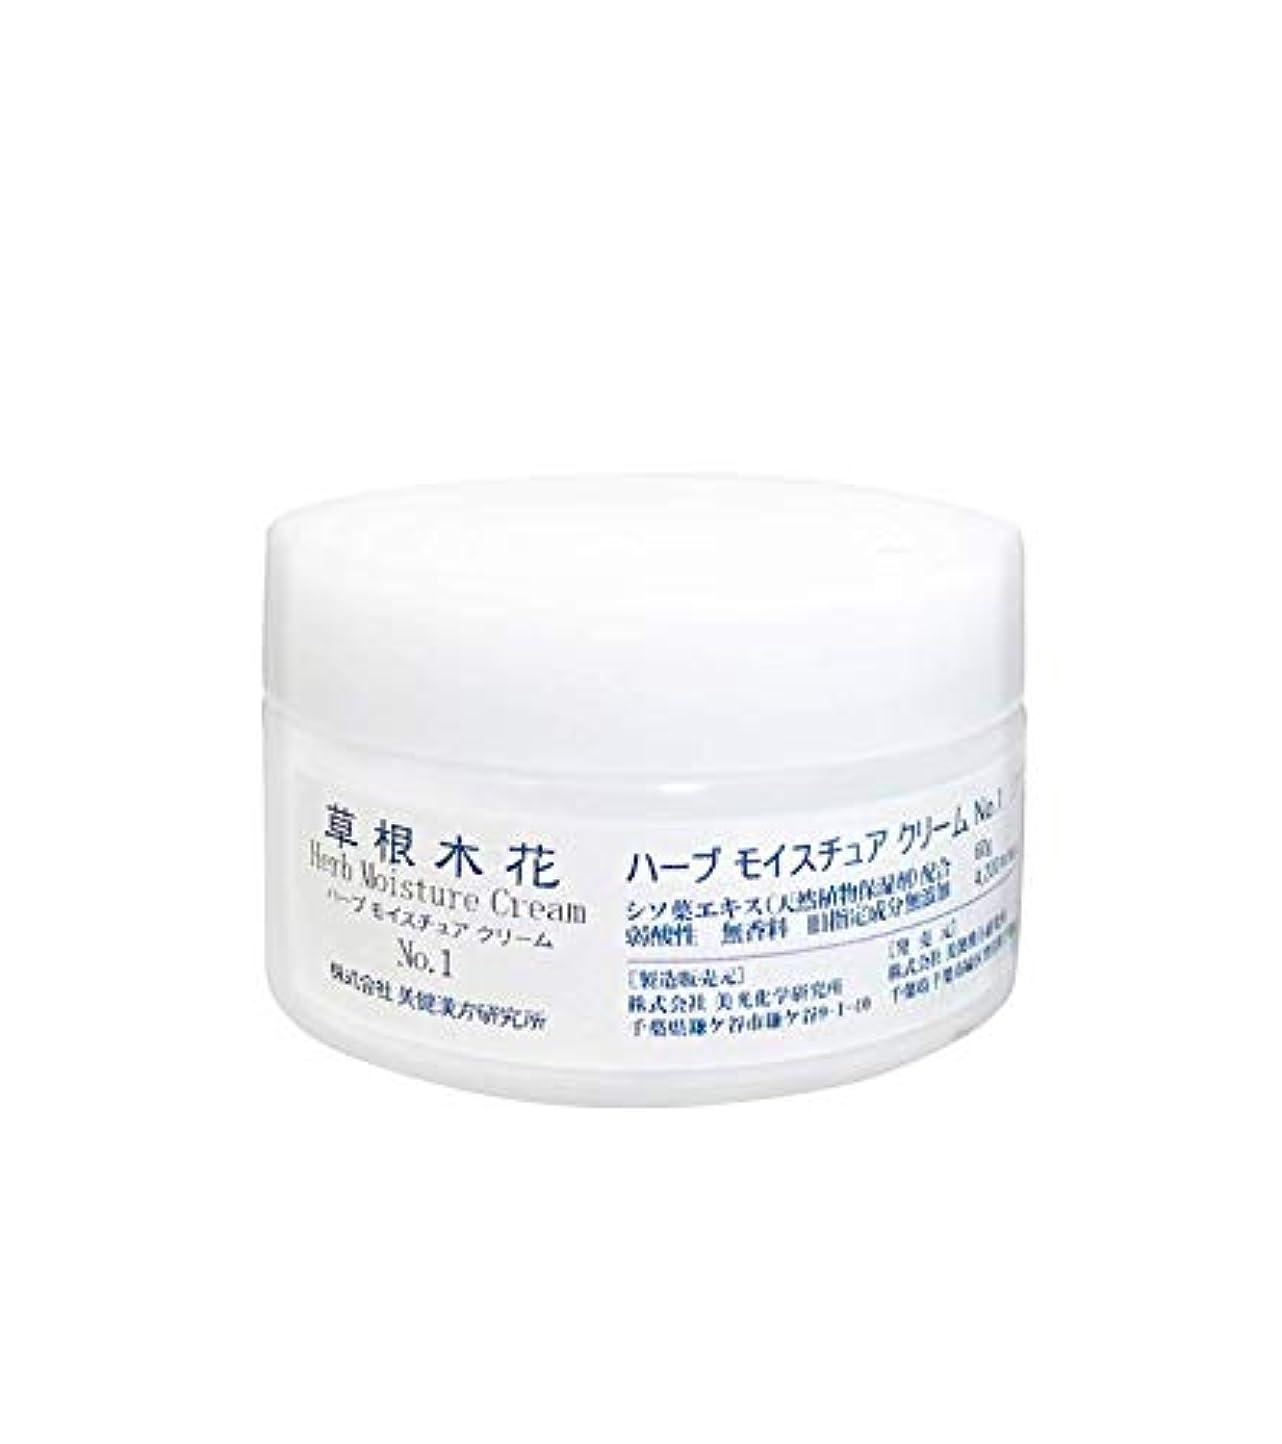 望まない換気集団的「草根木花 ハーブモイスチュアクリームNo.1 (紫蘇クリーム)」  乾燥肌?敏感肌にシソエキス  シェアドコスメ(男女兼用化粧品)